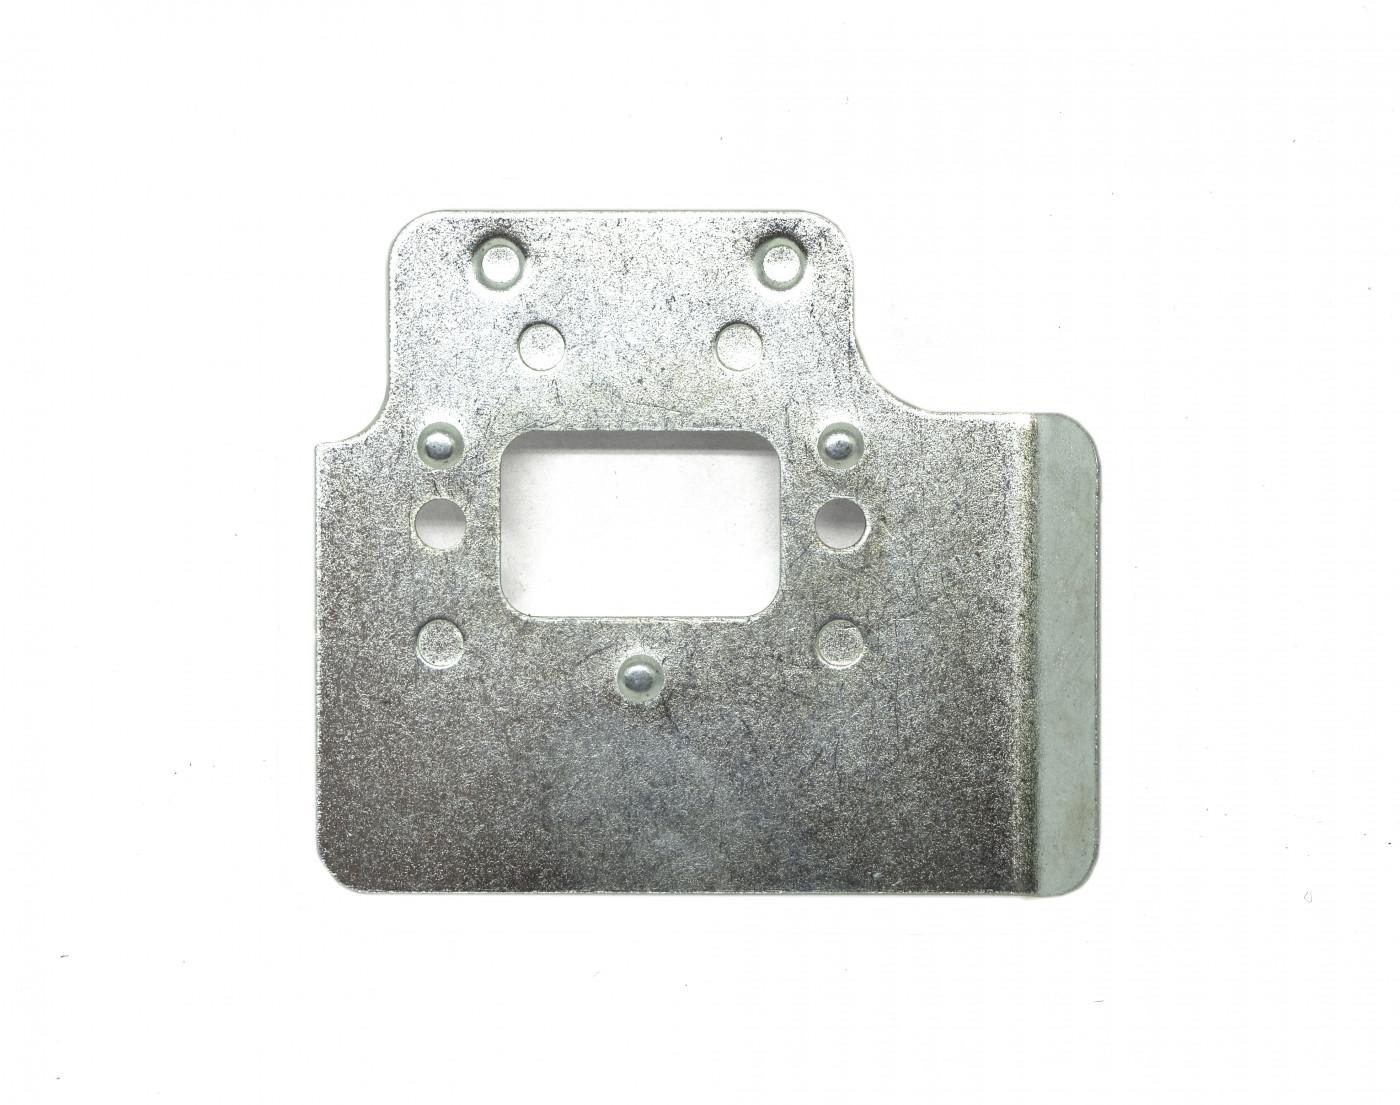 Tepelný štít výfuku Stihl MS460 - 1128 141 3200